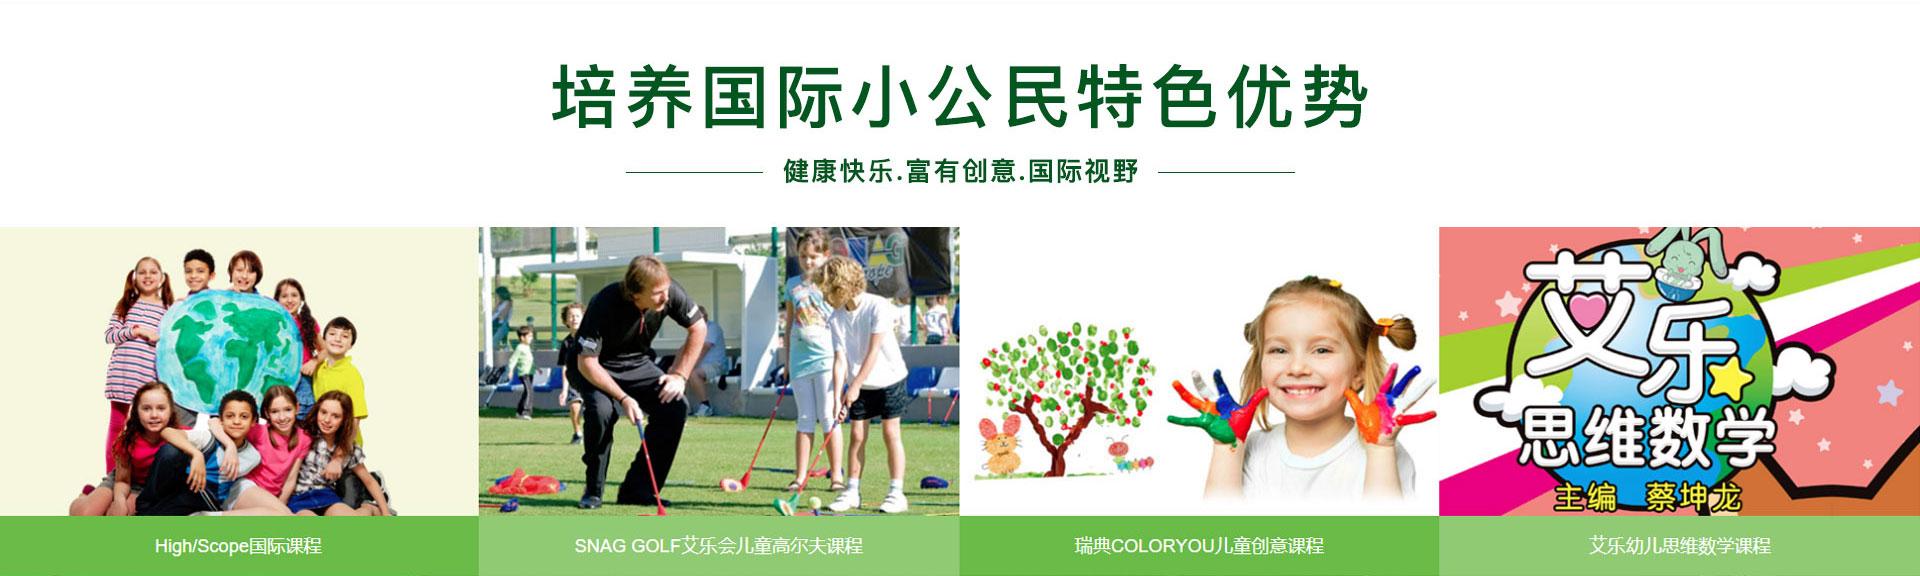 香港艾乐国际幼儿园al_12